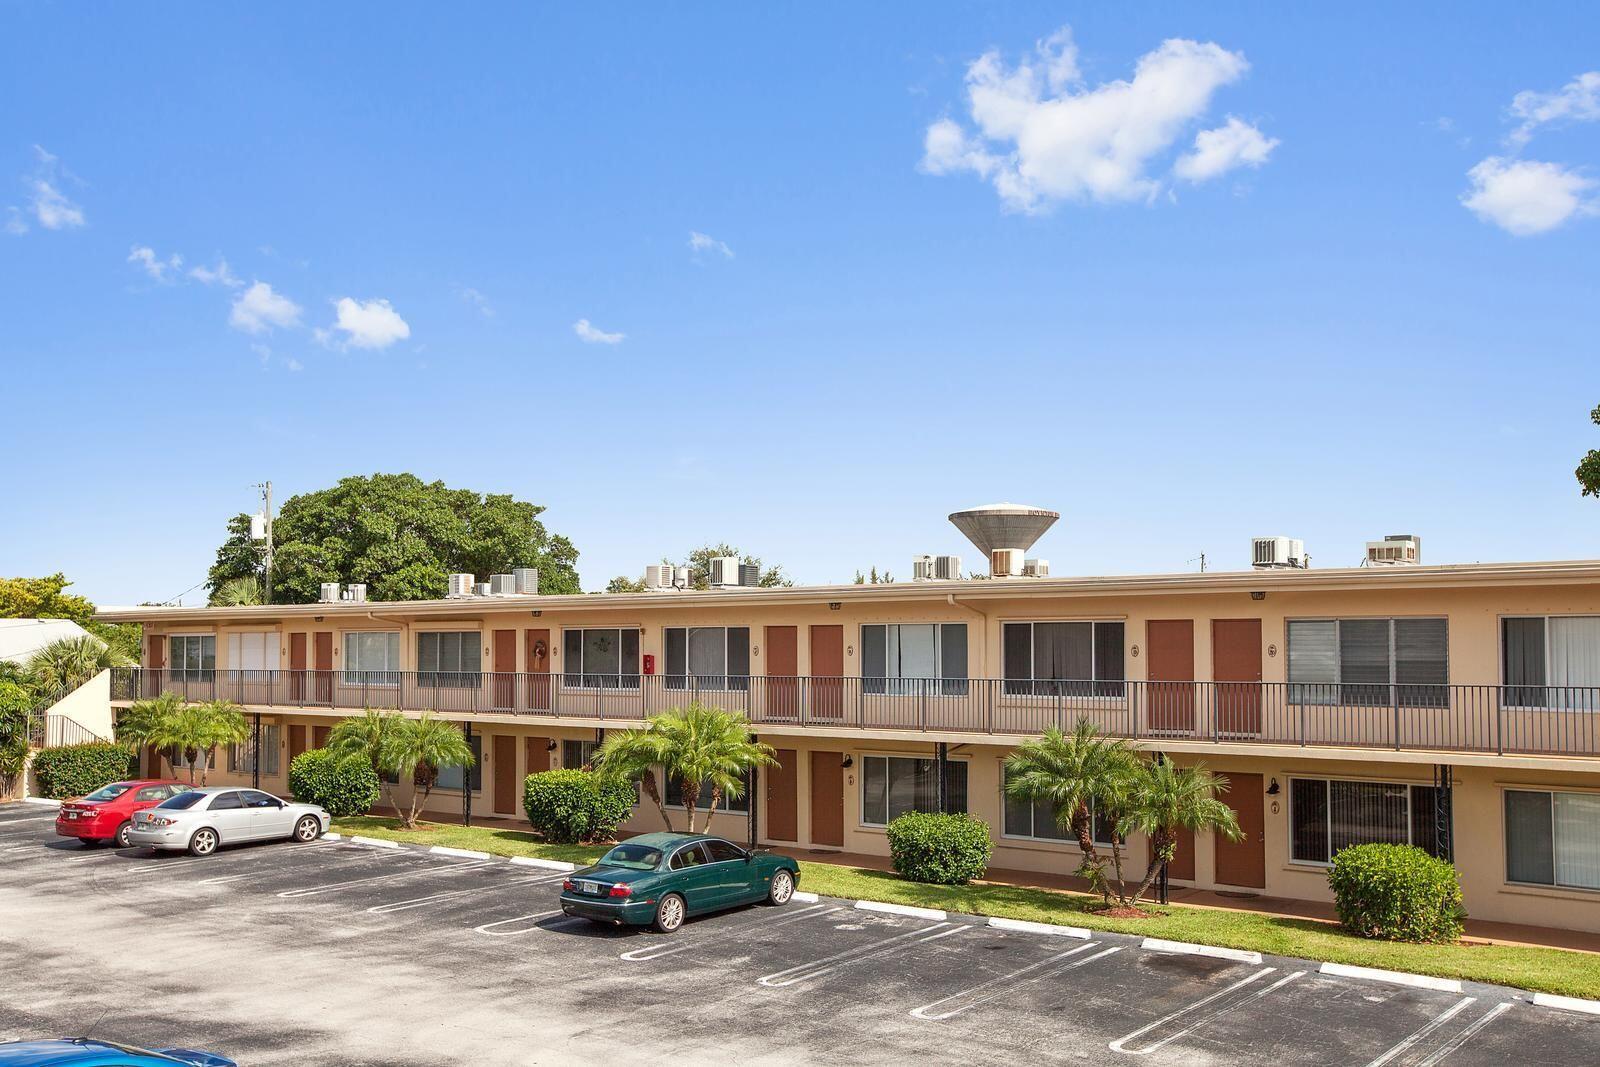 2303 S Federal Hwy 18 Highway 18n Boynton Beach, FL 33435